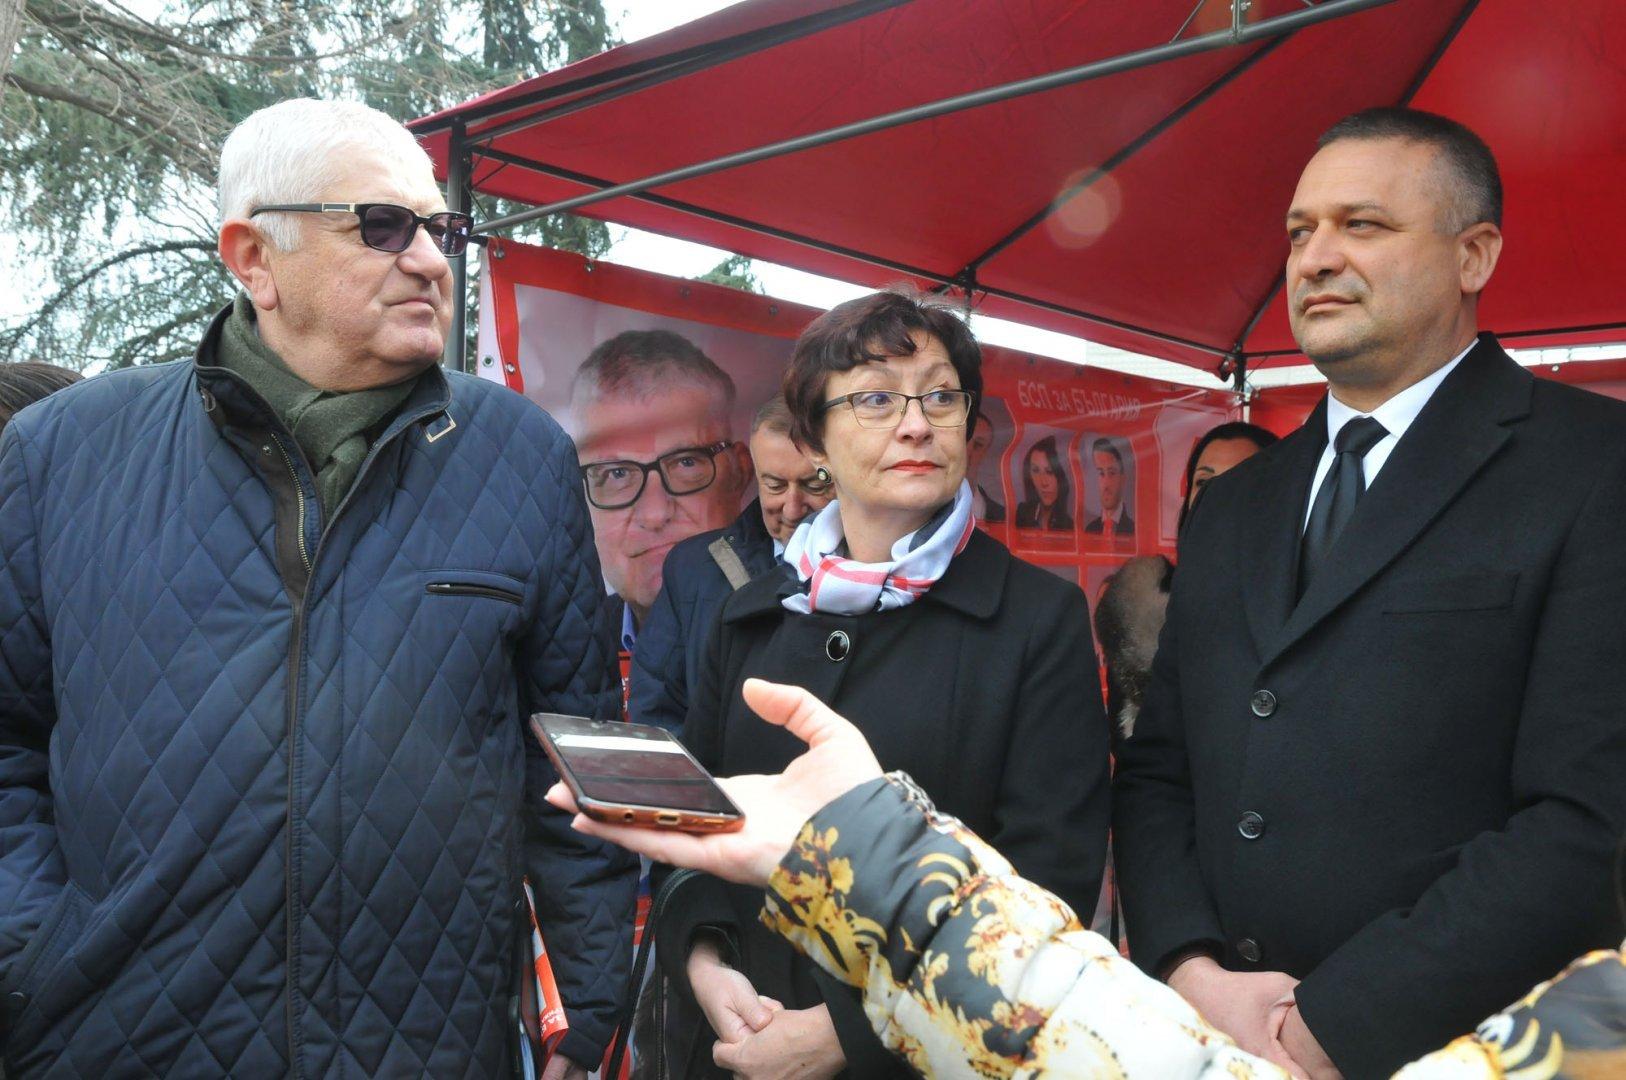 Петър Кънев, Юлия Йоргова - Форд и Тодор Байчев са първите трима в листата. Снимки Архив Черноморие-бг